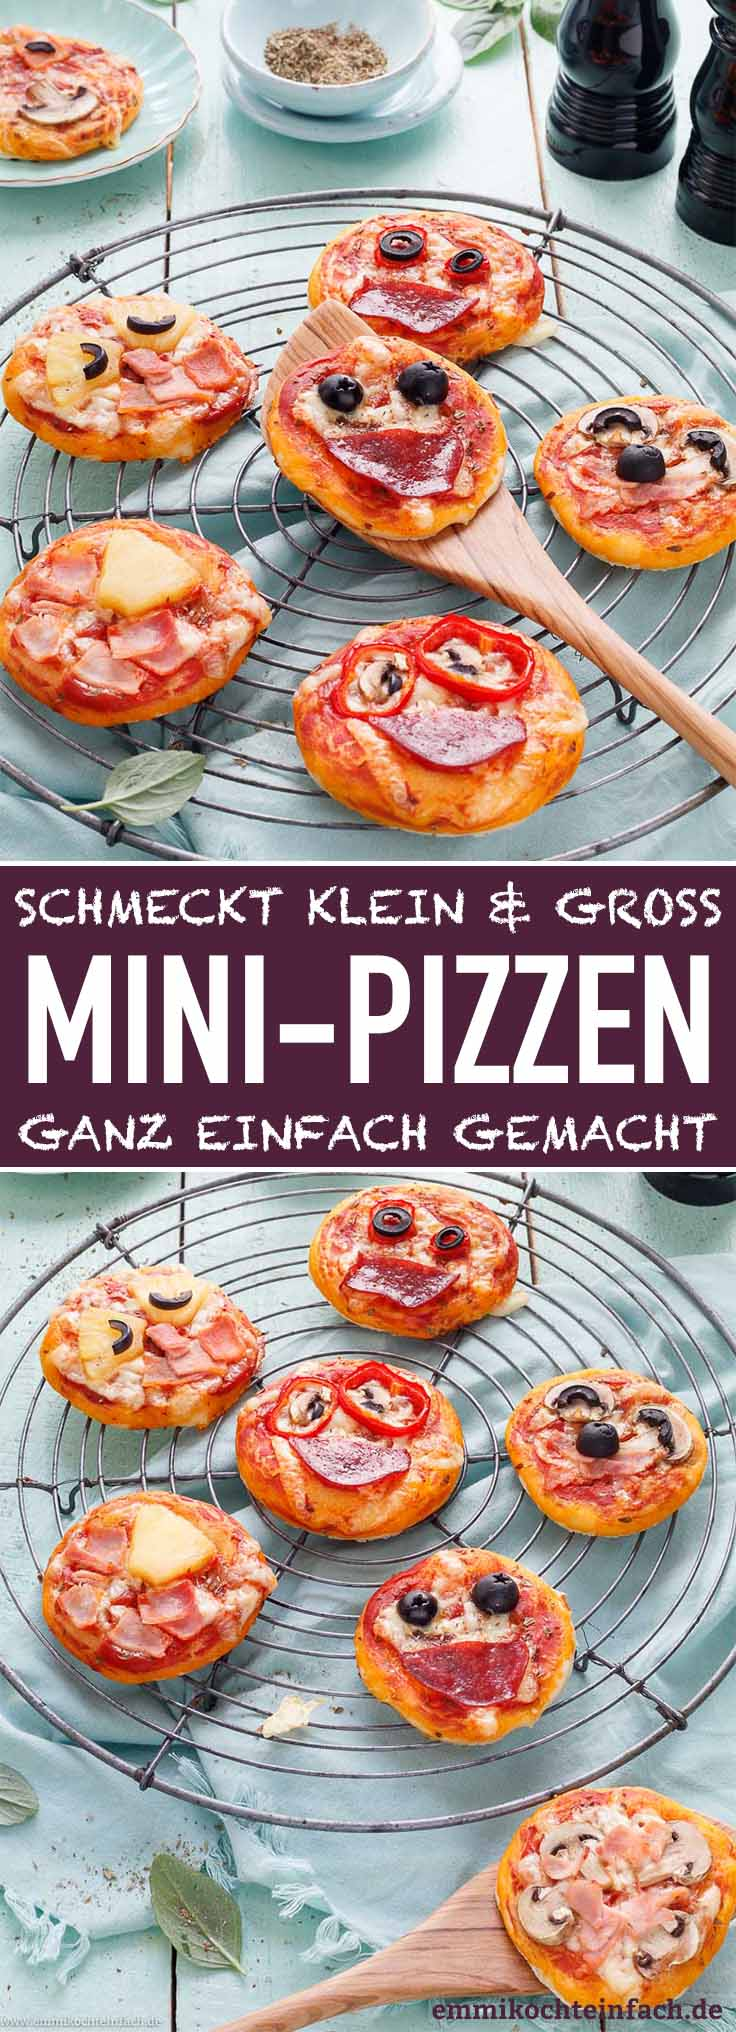 Mini Pizza - kleine Pizzen einfach selbst gemacht - www.emmikochteinfach.de